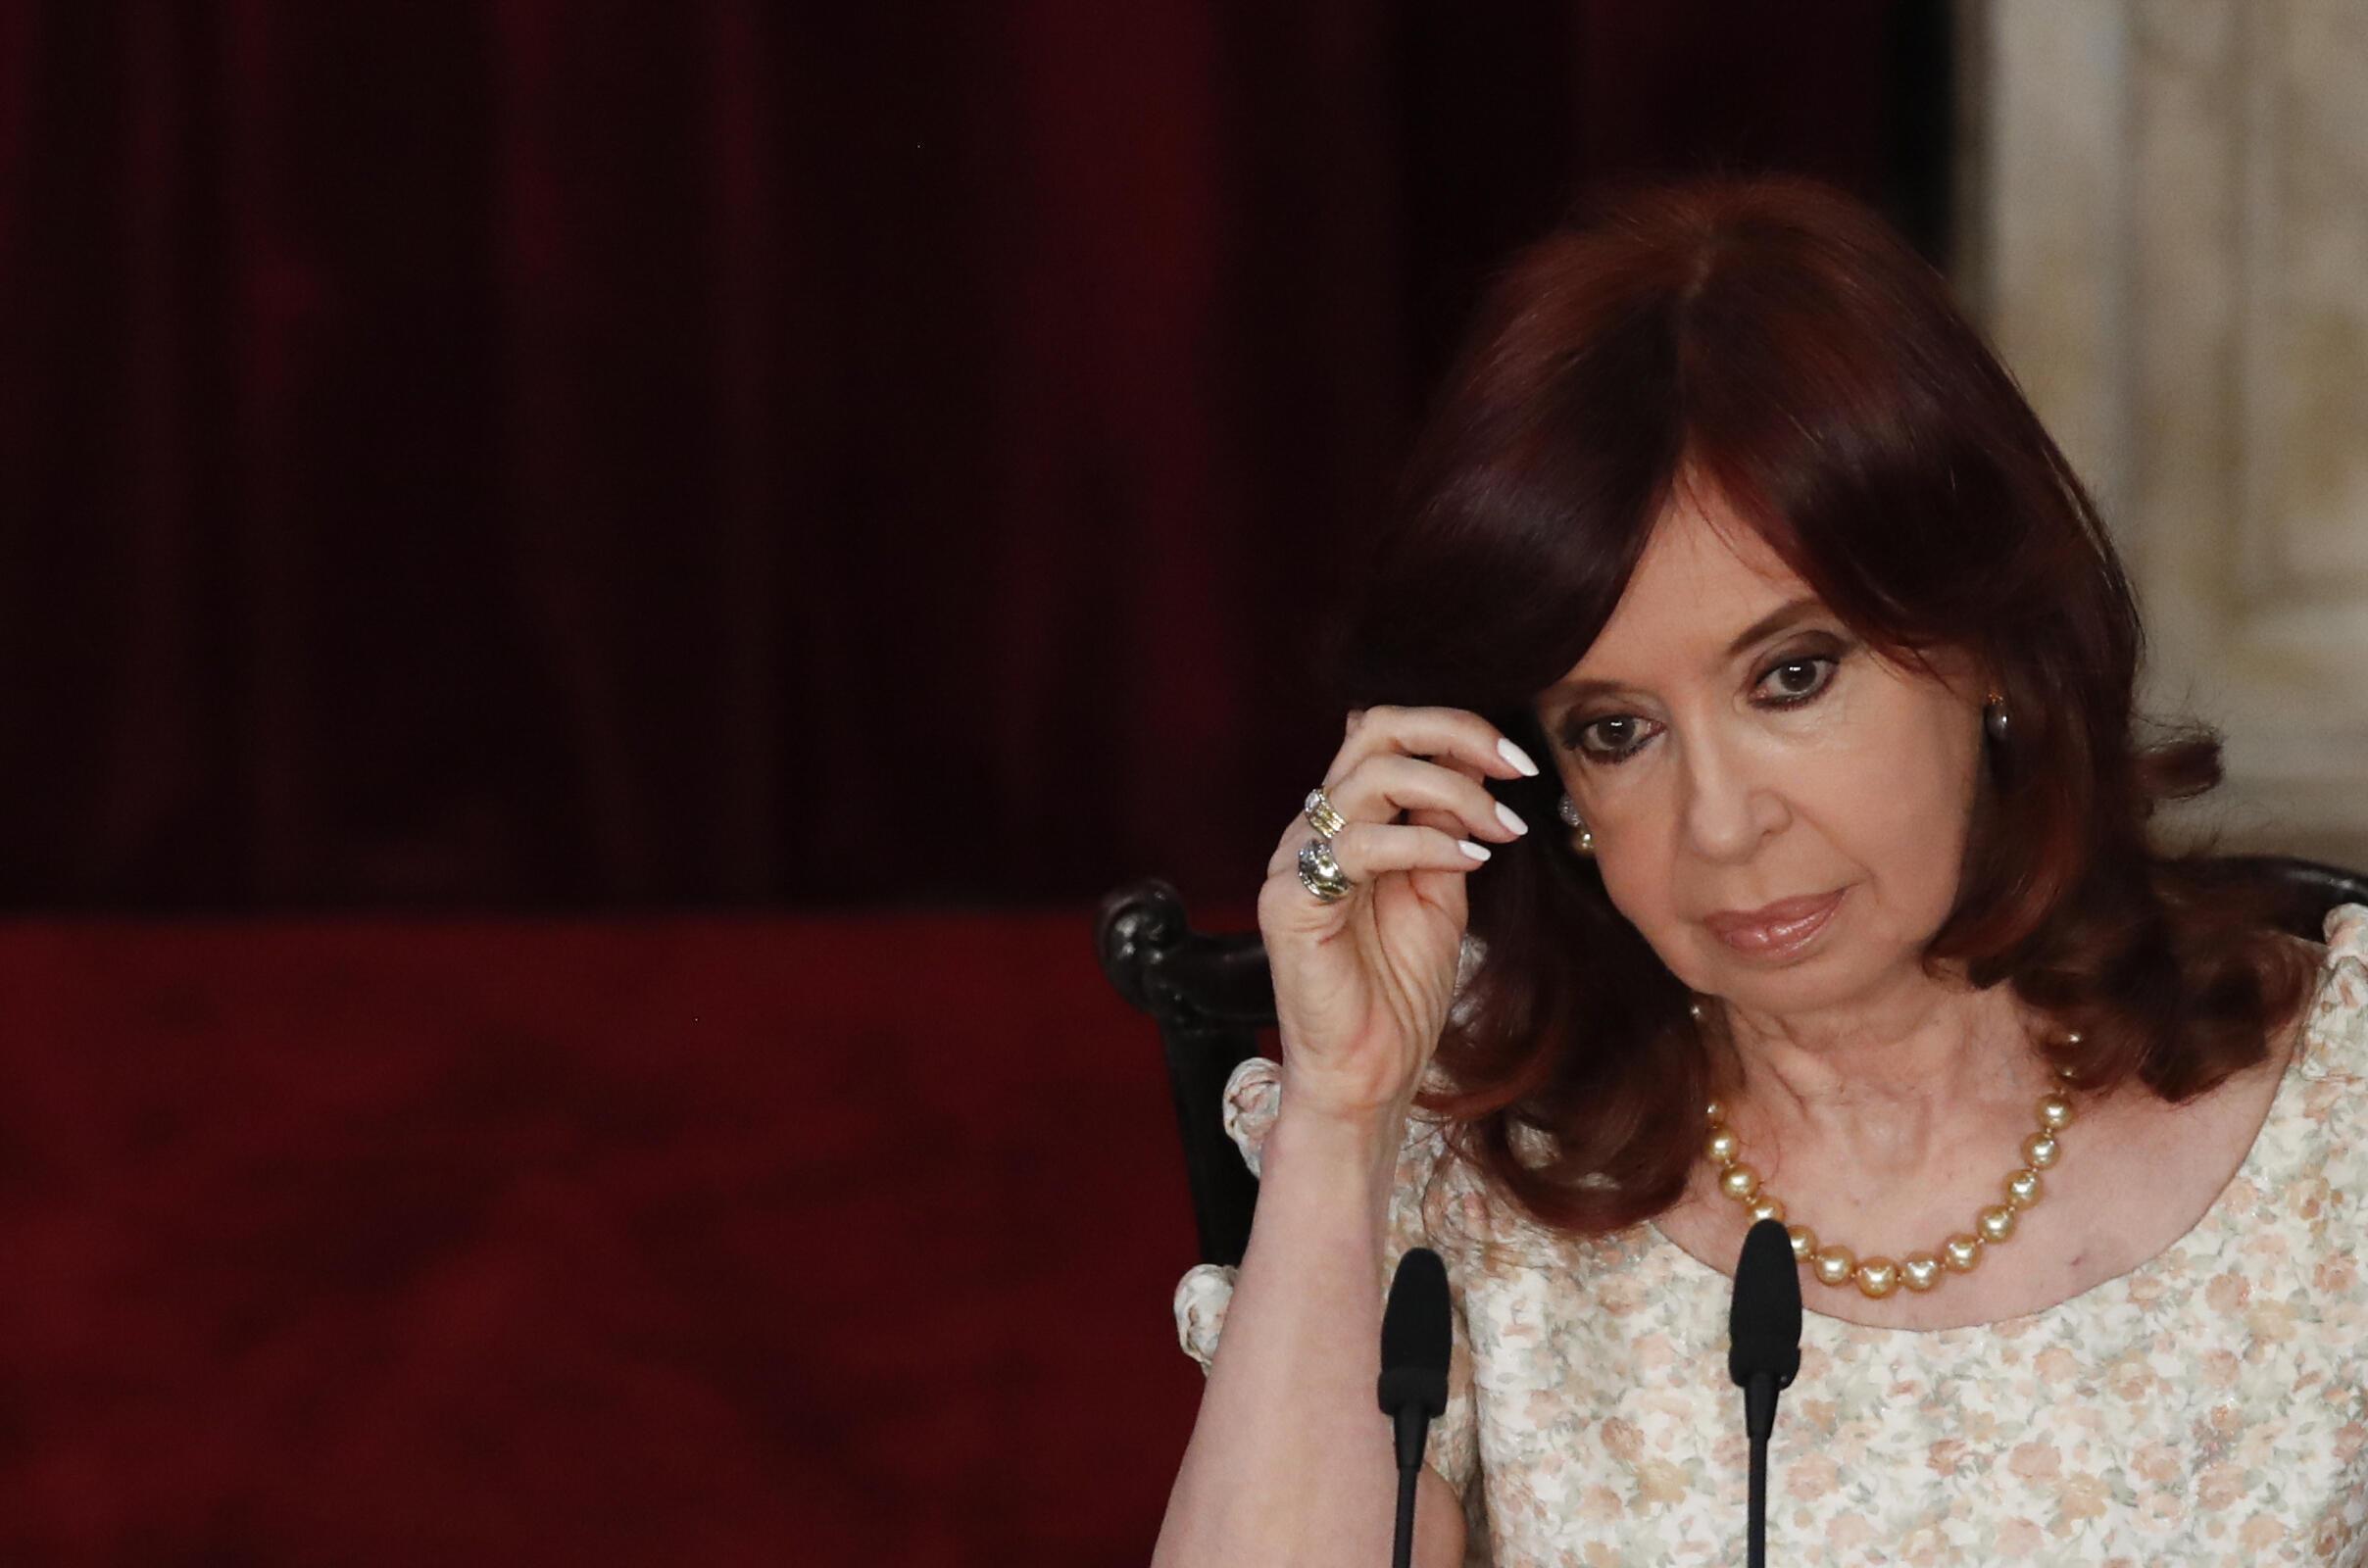 La vicepresidenta argentina, Cristina Kirchner, el 1 de marzo de 2021 en Buenos Aires